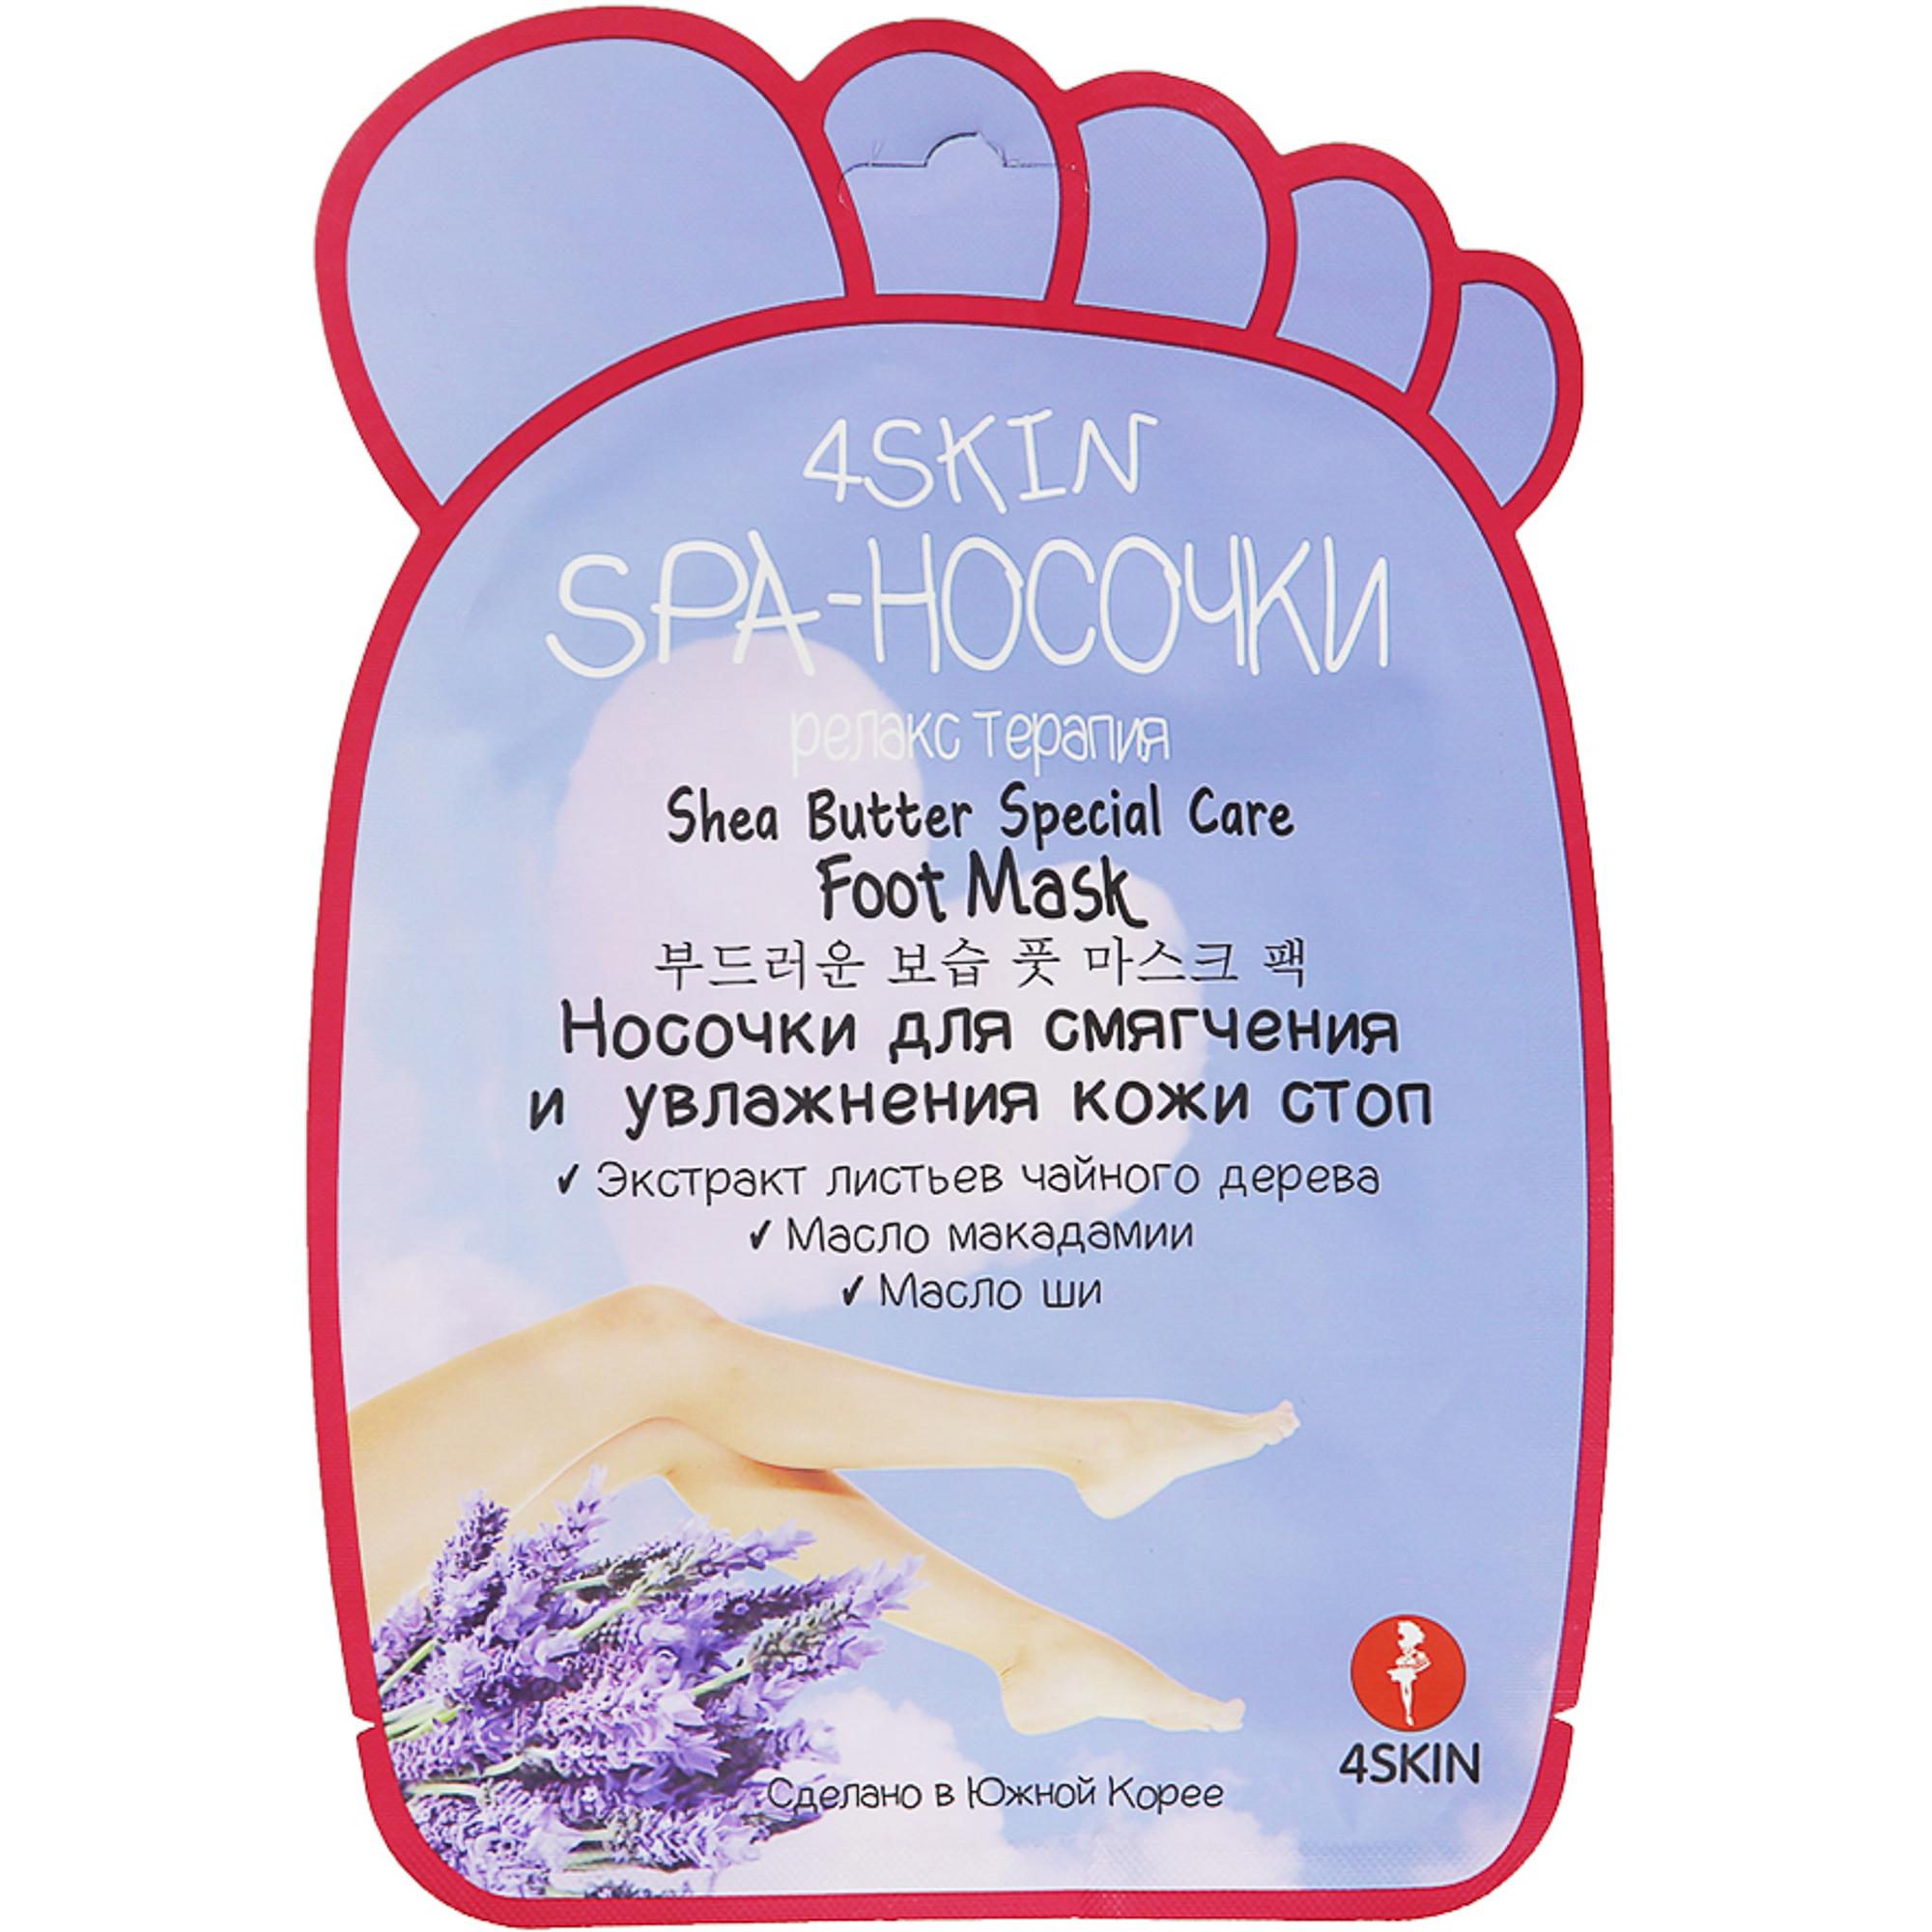 Купить Пилинг-носочки 4Skin Релакс терапия 16 г, пилинг, Южная Корея